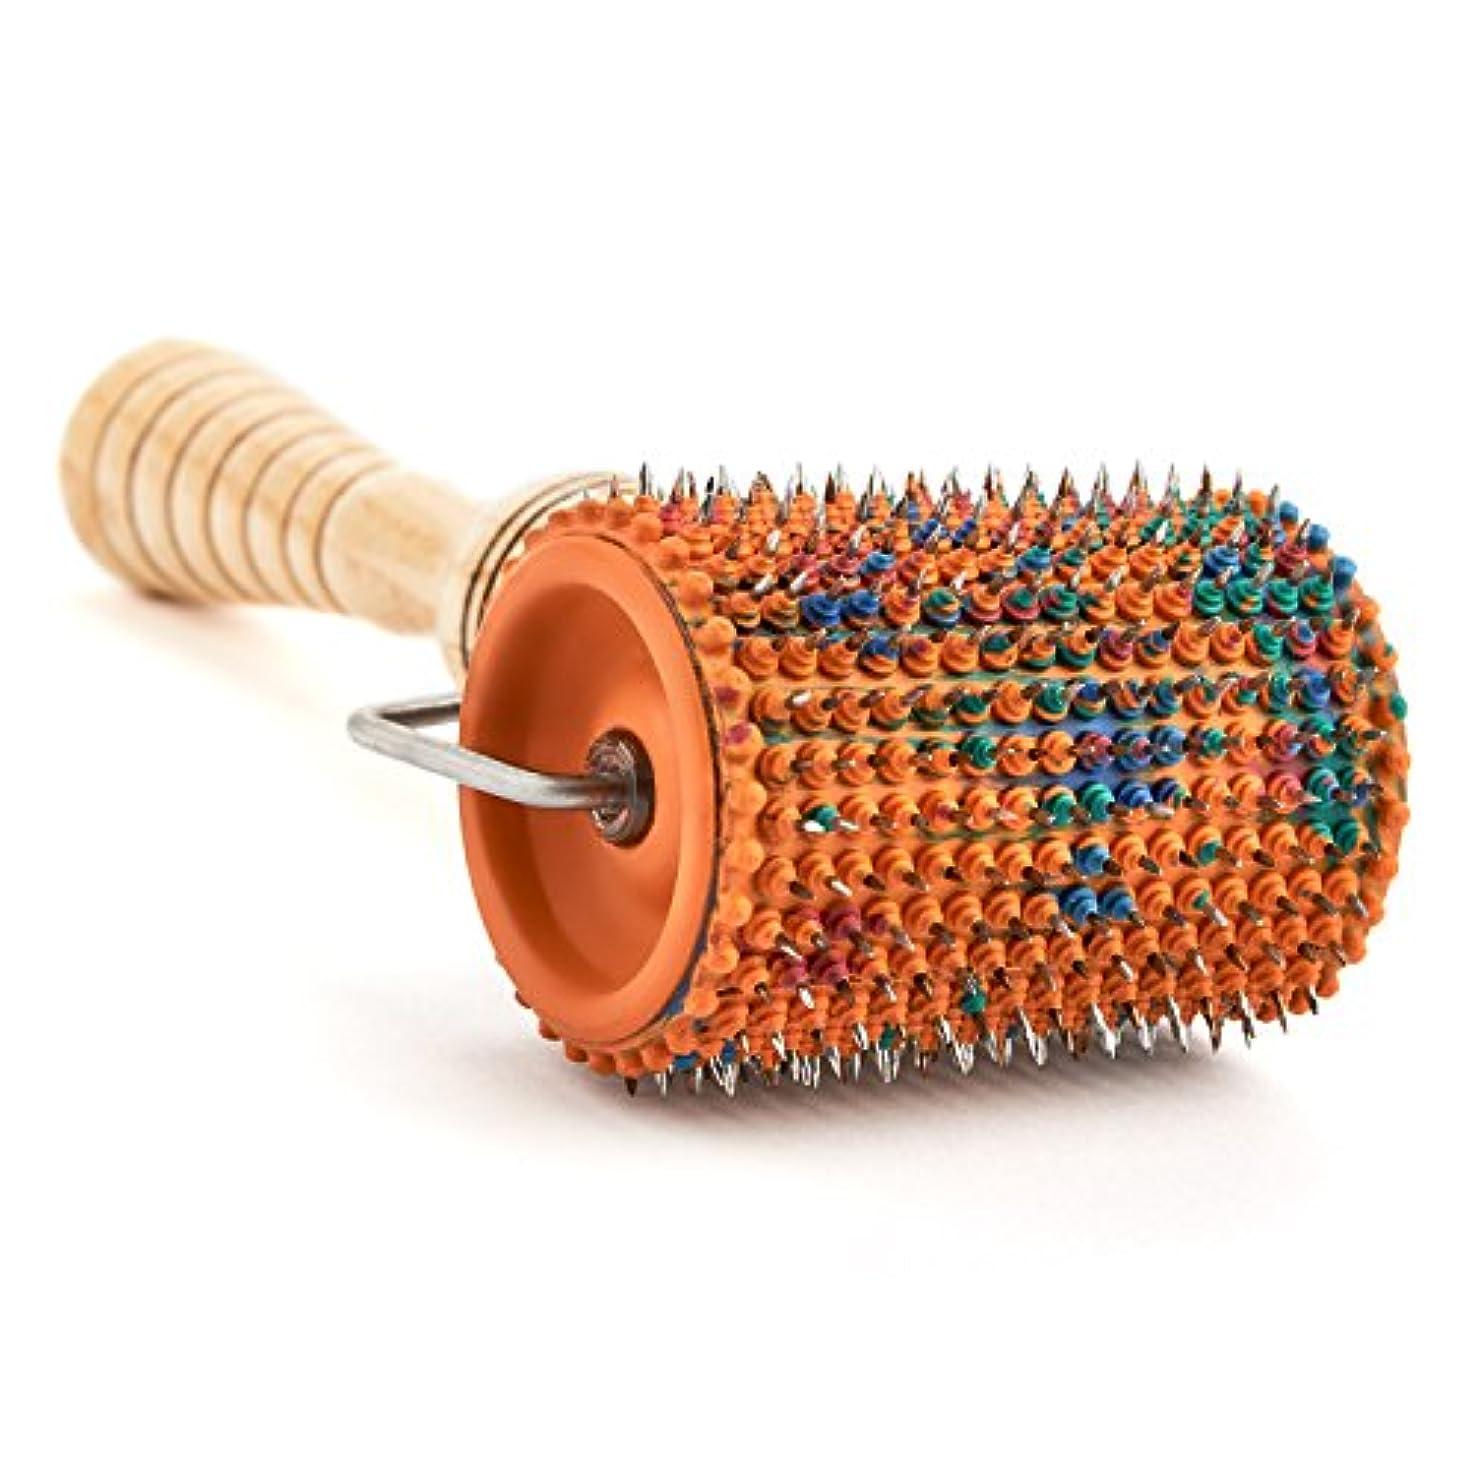 暗くする討論クラックポットAcupuncture for Body Massage - Acupressure Applicator Lyapko Roller UNIVERSAL-M (with rubber bushings) by Lyapko